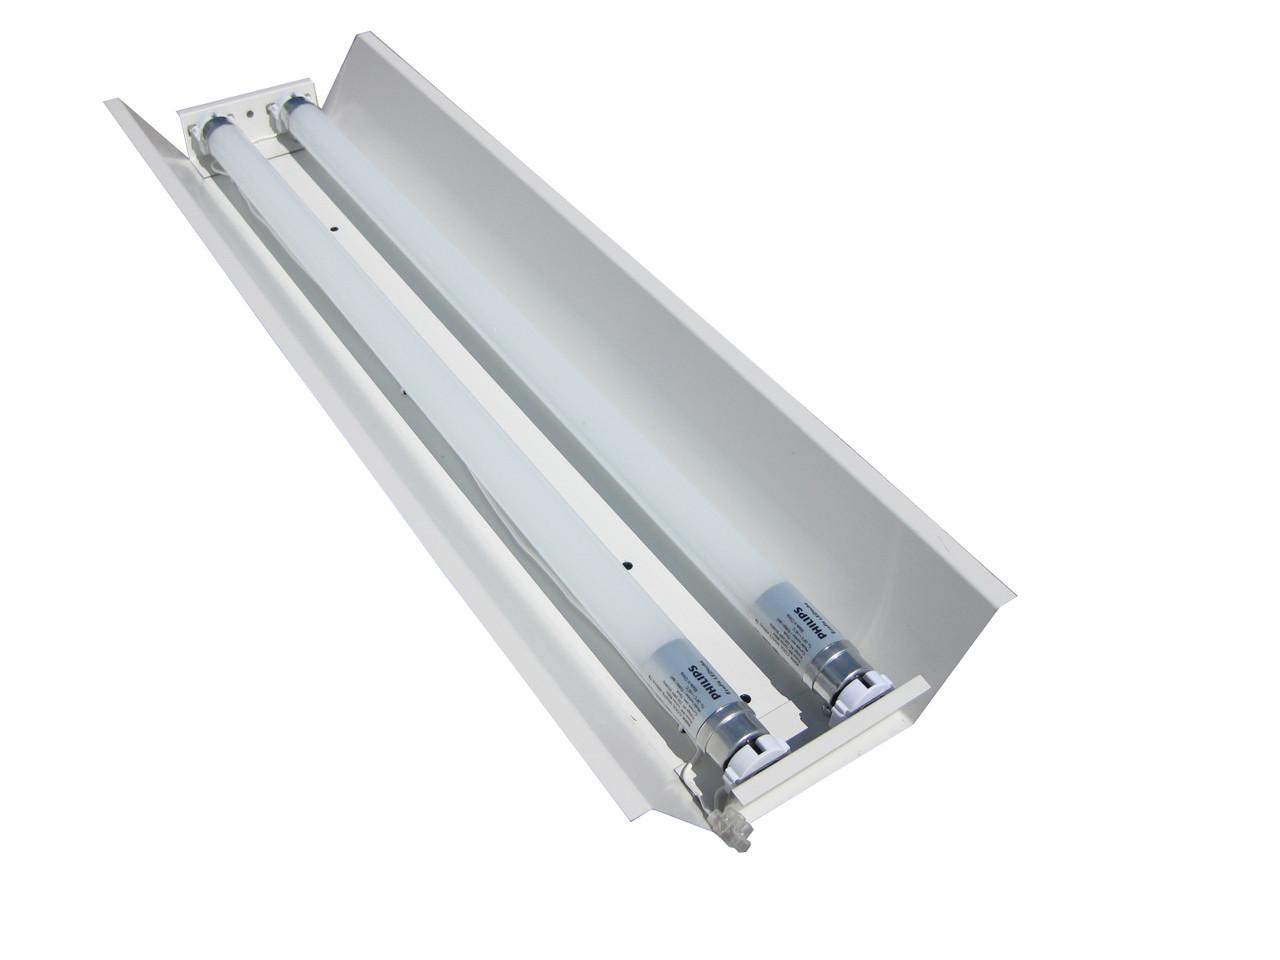 Светильник открытый под две led лампы 120см Т8 100lamp СПВ 02-1200 стандарт (613347)